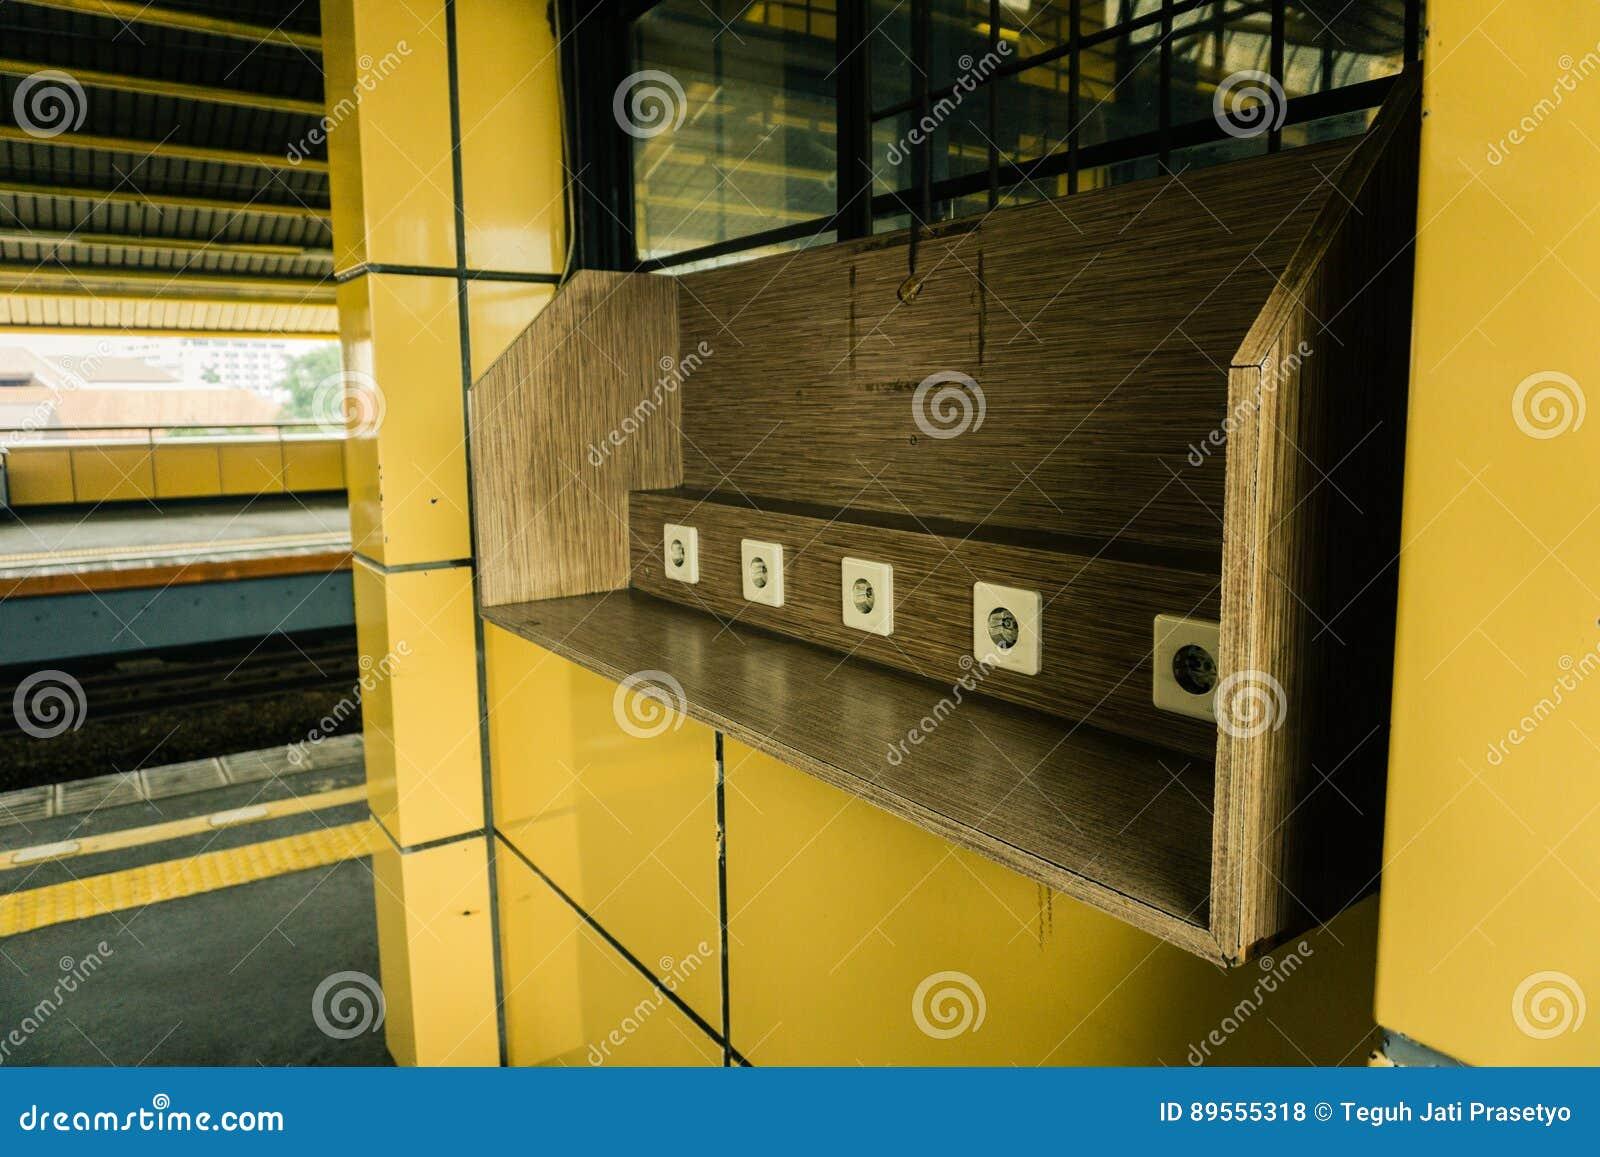 Incavo elettrico sulla parete di legno alla funzione di carico nell area pubblica Jakarta contenuta foto Indonesia della stazione